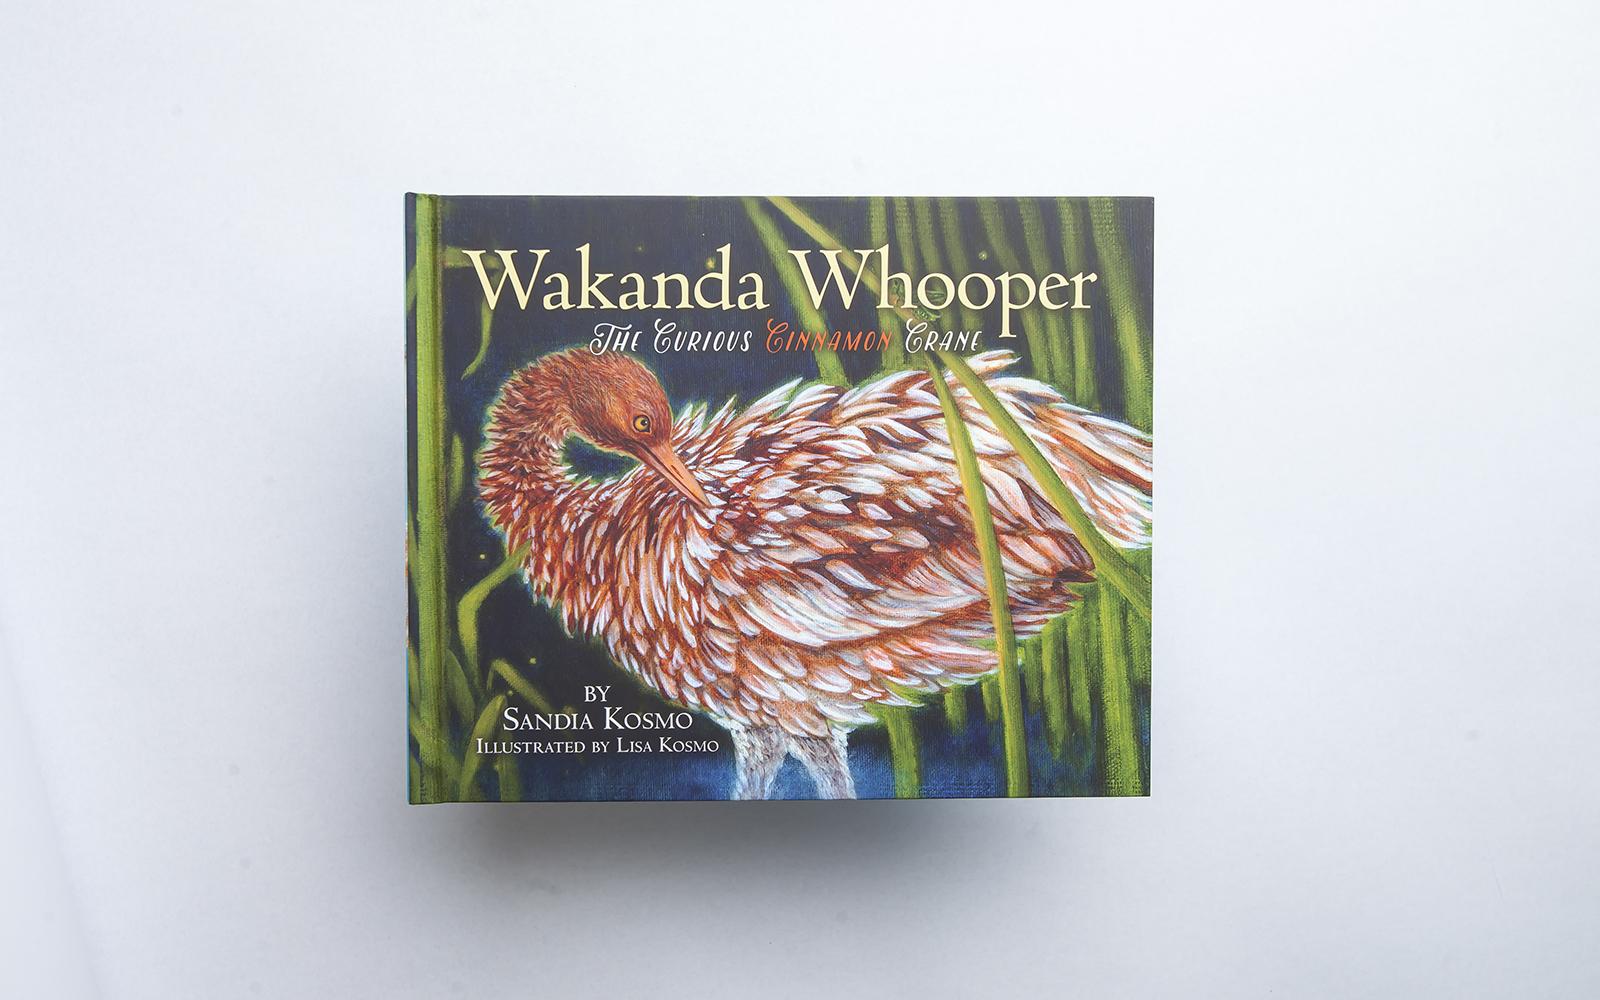 SONWA book Wakanda